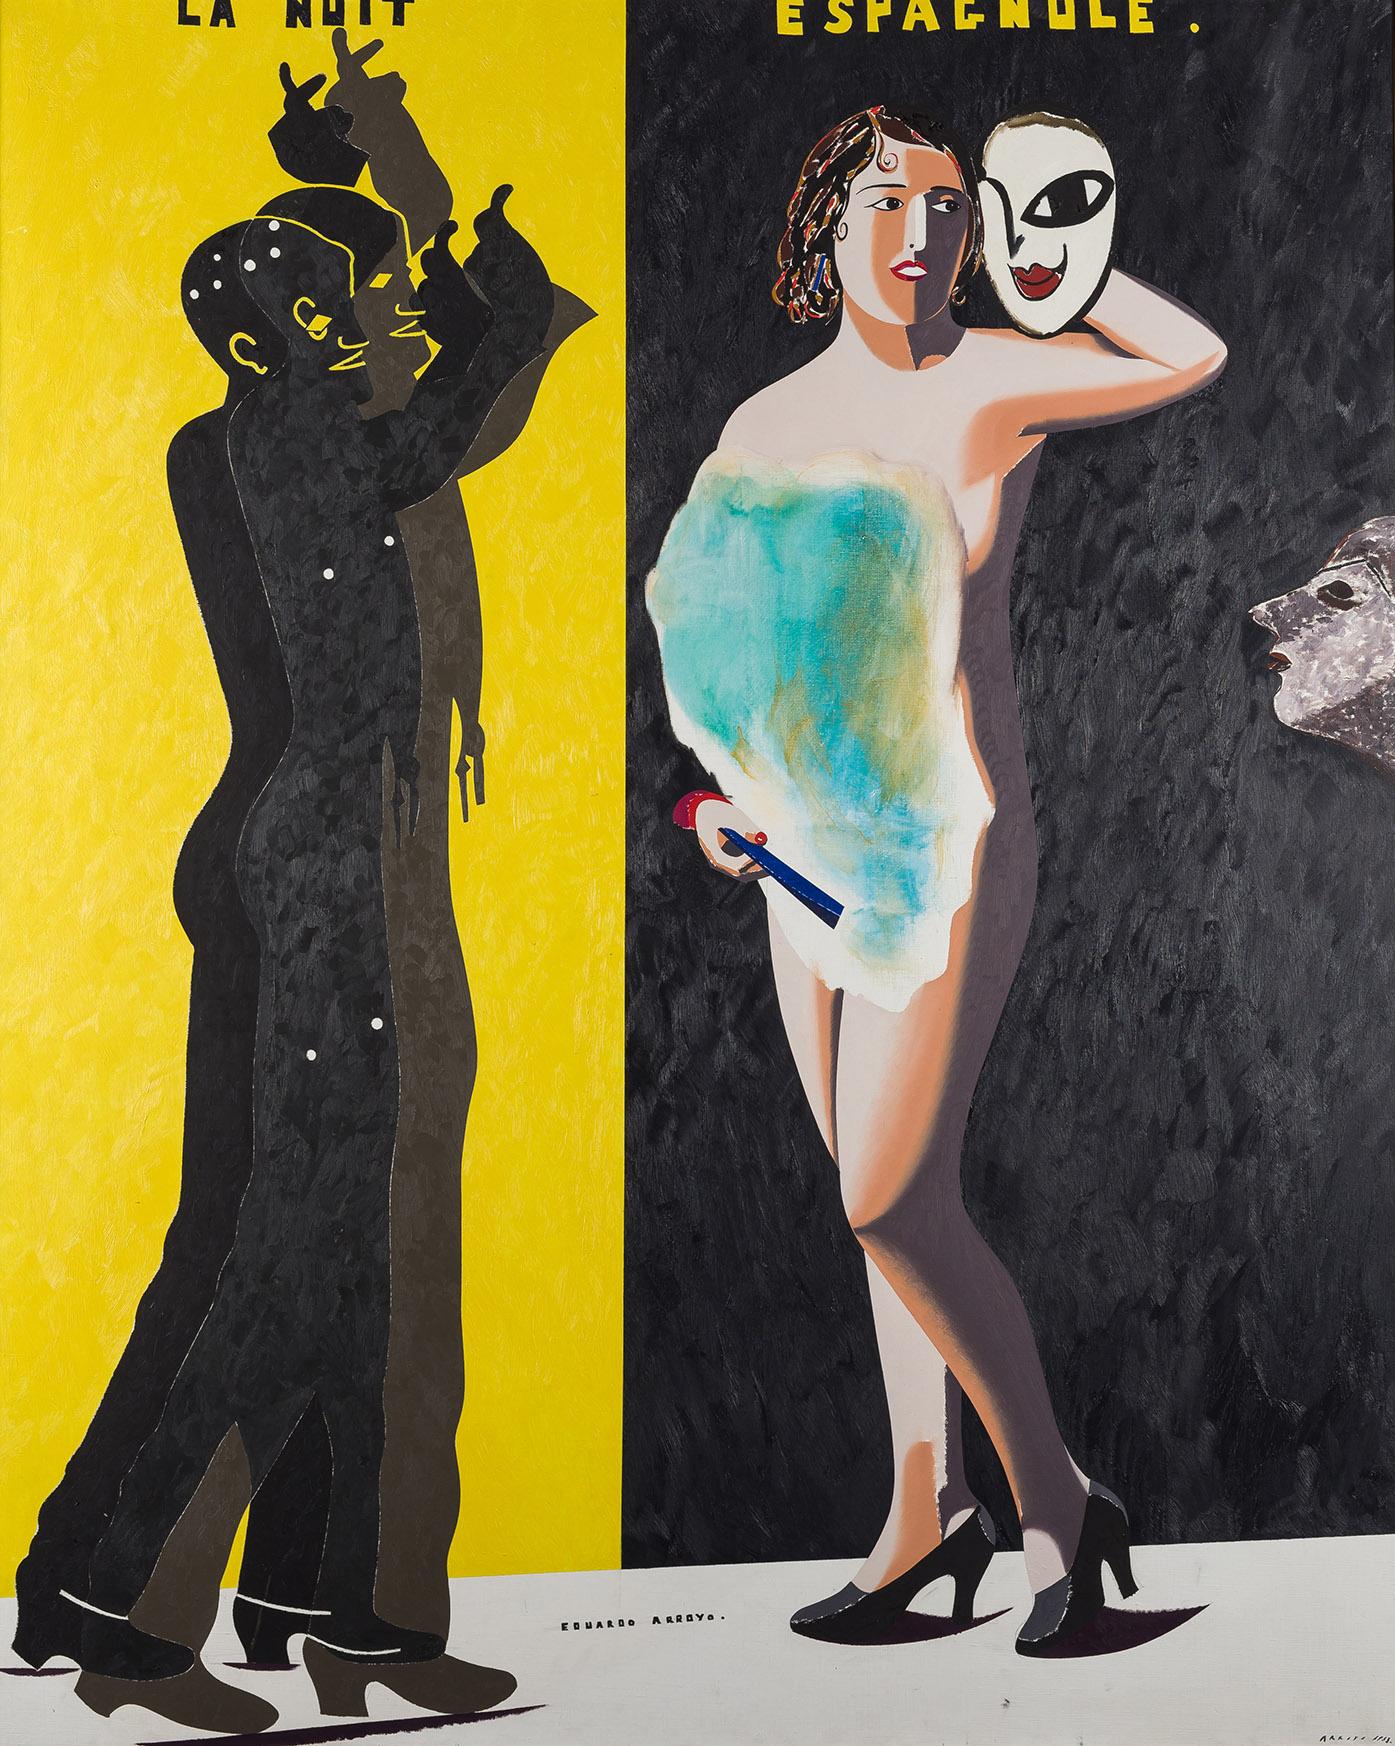 Eduardo-Arroyo-La-nuit-Espagnole-1983